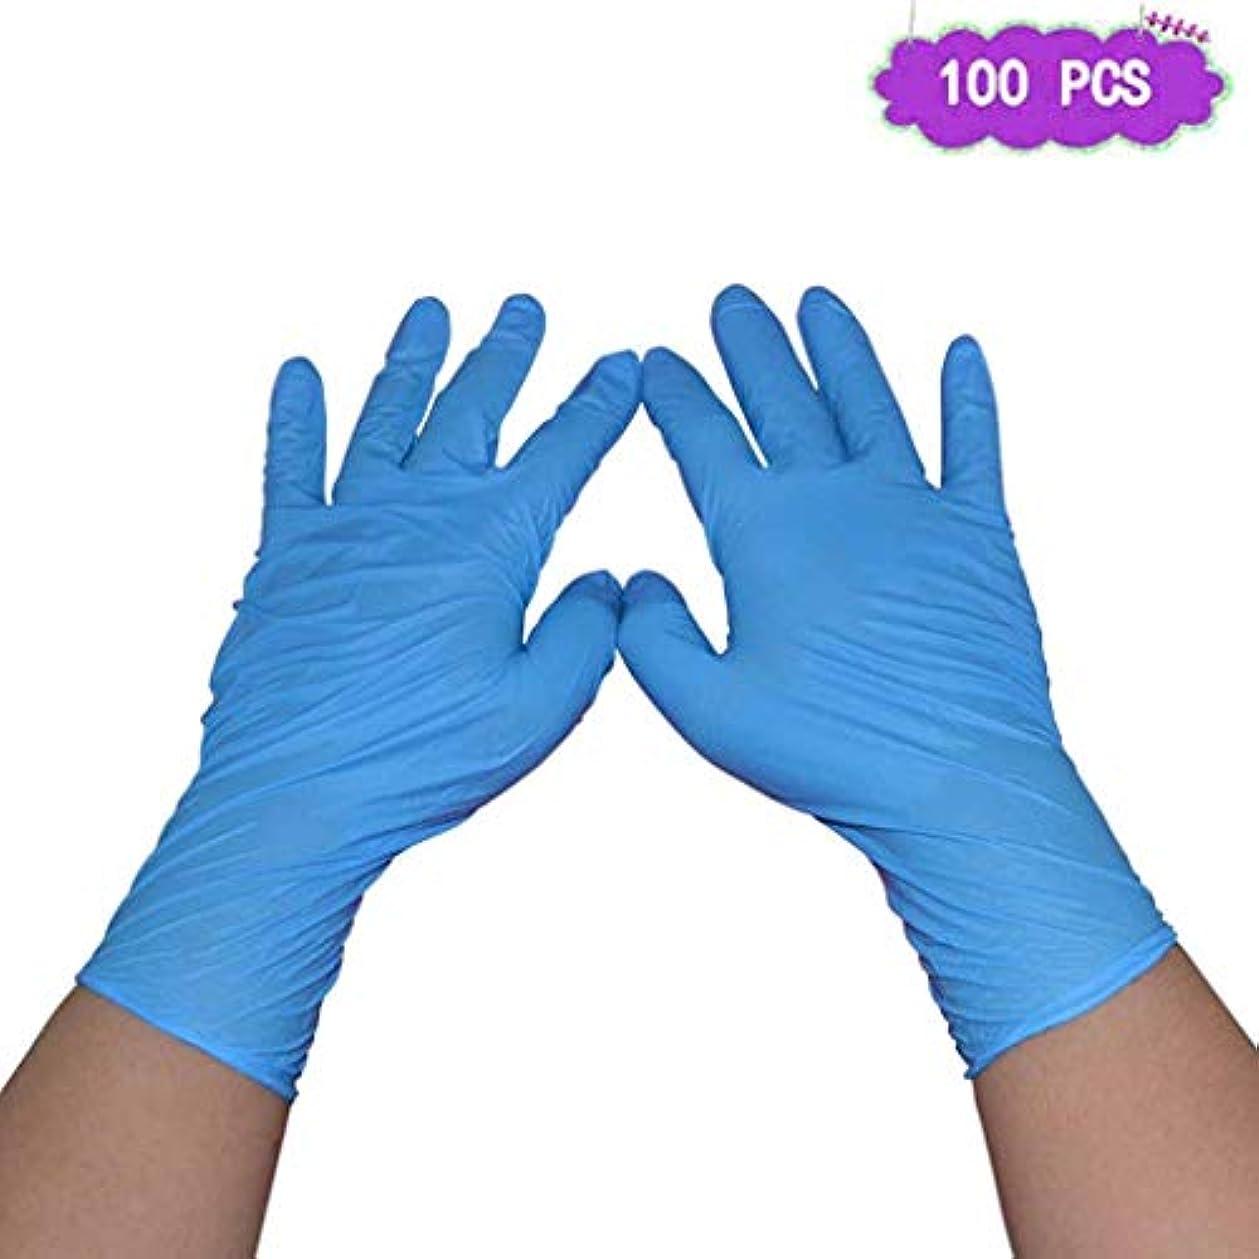 天窓キャリッジ汚物12インチの長い肥厚ニトリル手袋使い捨て手袋ニトリルラテックス食品試験ゴム義務試験手袋|病院向けのプロフェッショナルグレード (Size : M)